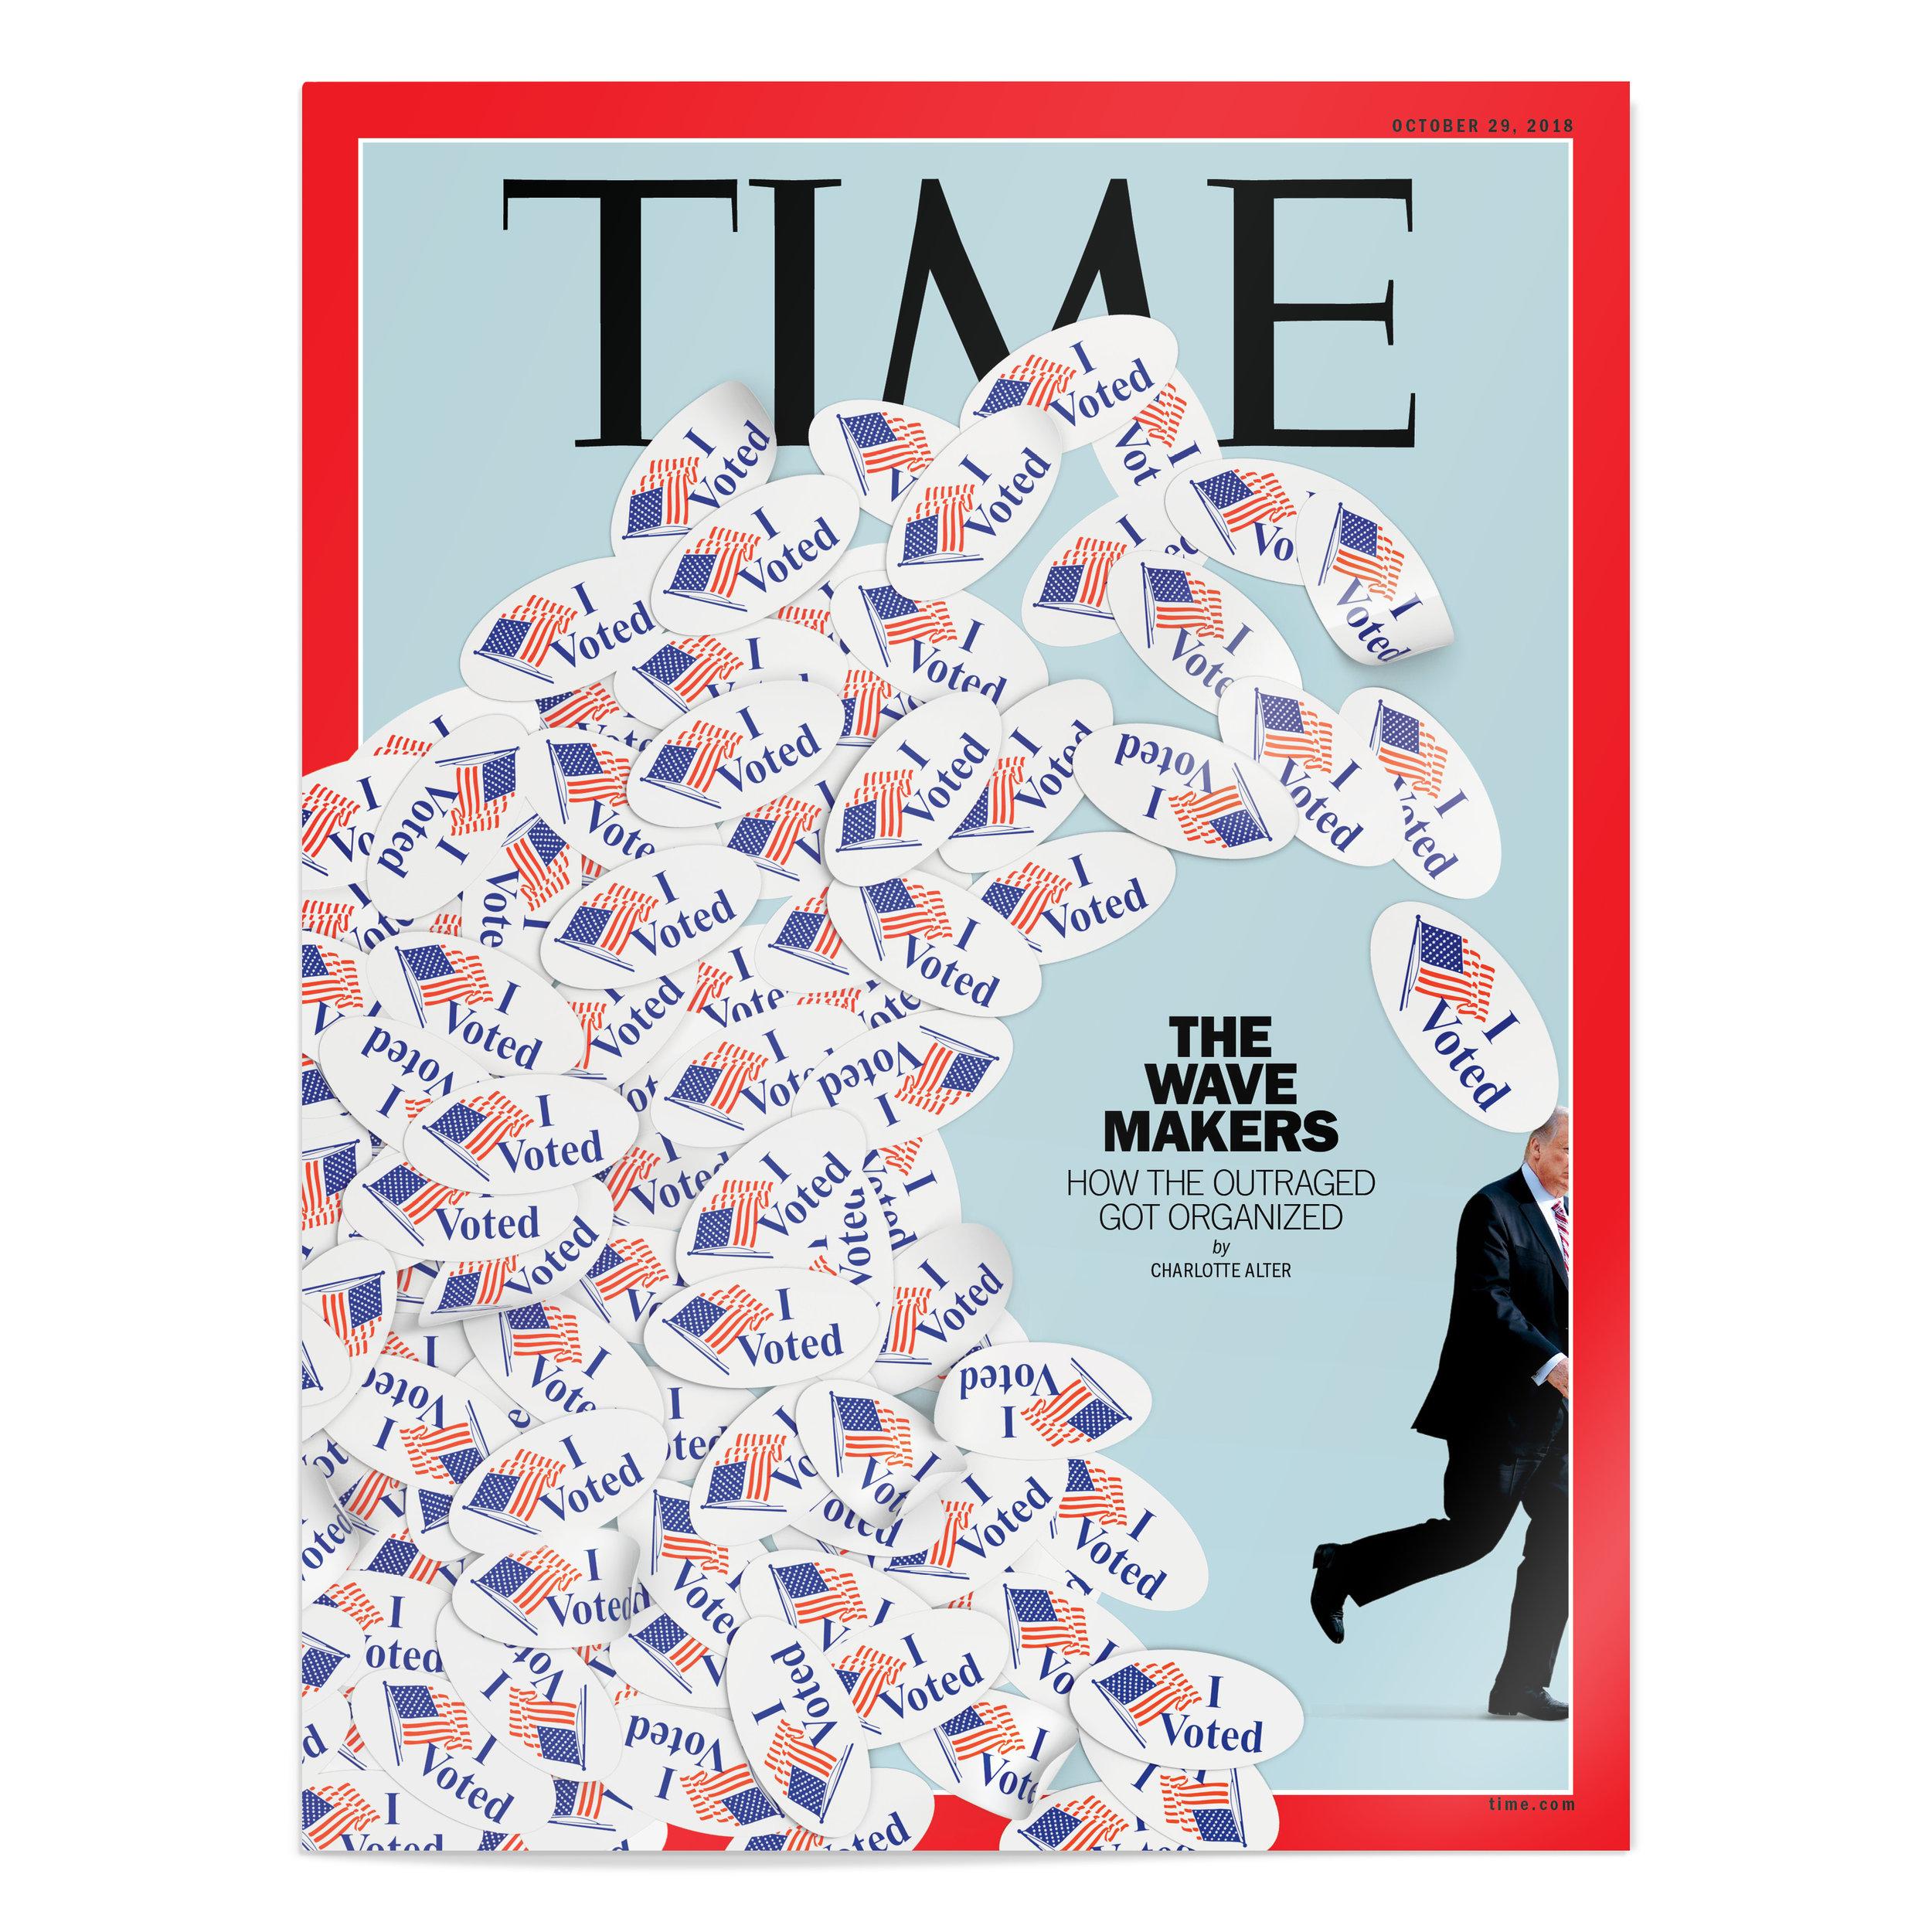 TimeMagazine_Cover_V1.jpg